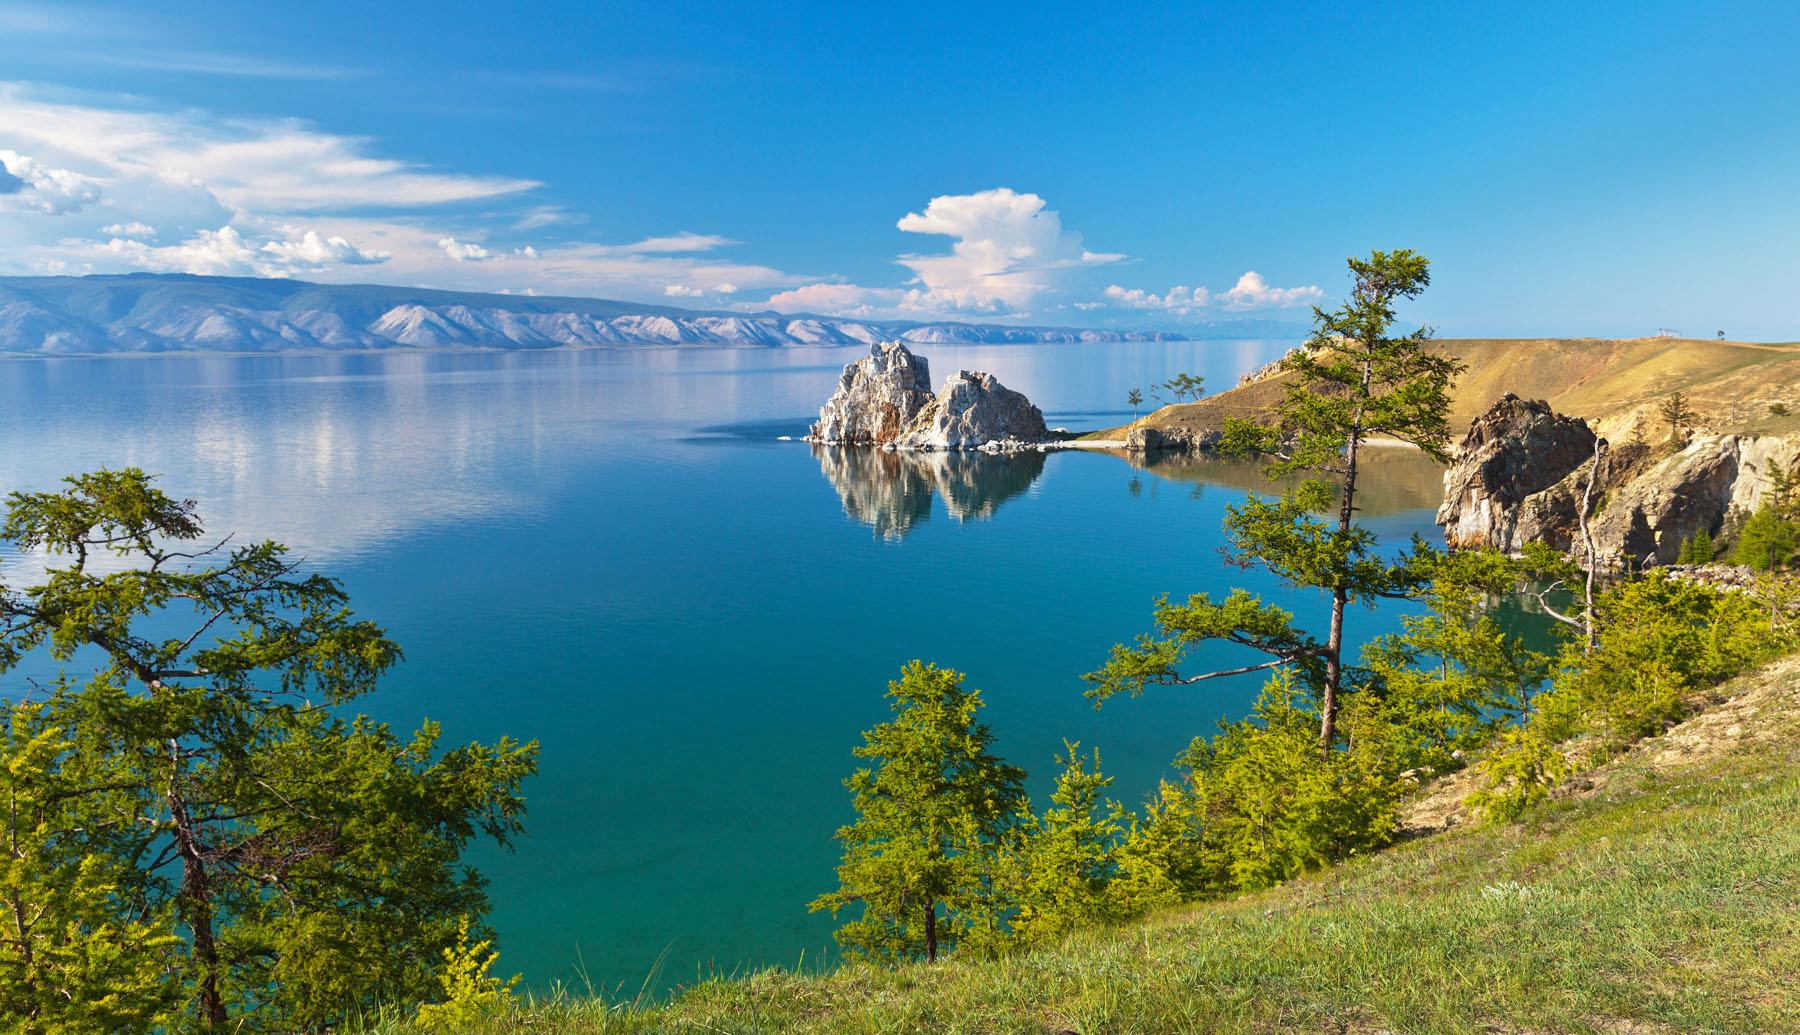 Russia-Lake-Baikal_216263854